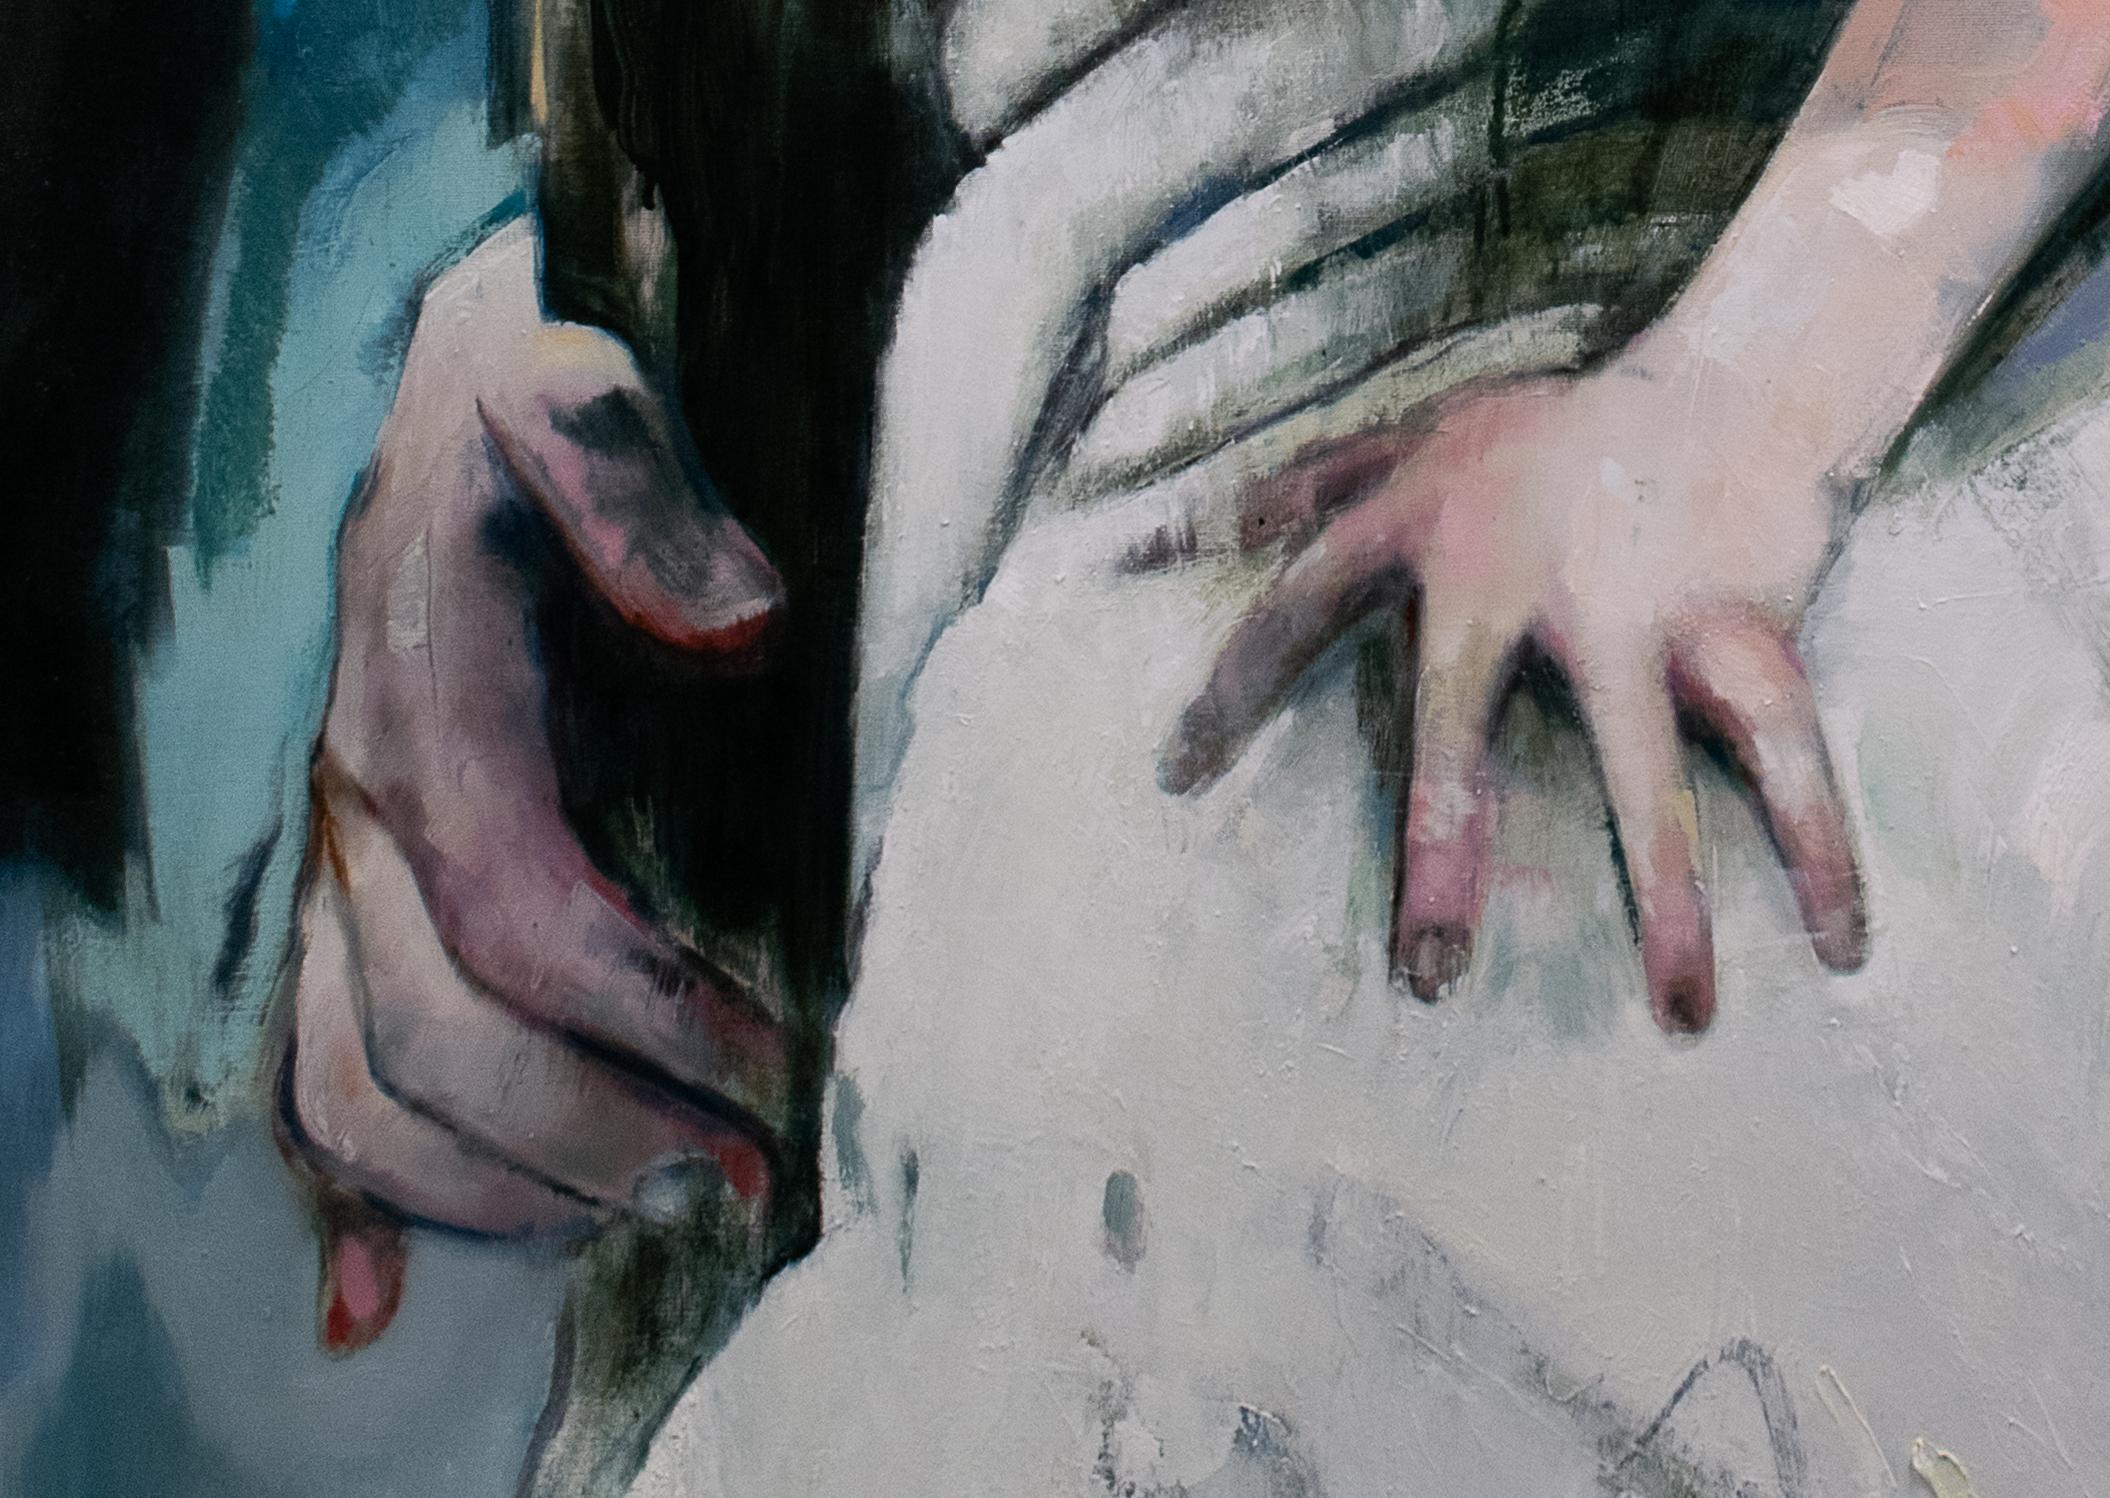 ekspressionistiske, børnevenlige, figurative, portræt, kroppe, børn, hverdagsliv, stemninger, mennesker, tekstiler. Køb original kunst og kunstplakater. Malerier, tegninger, limited edition kunsttryk & plakater af dygtige kunstnere.